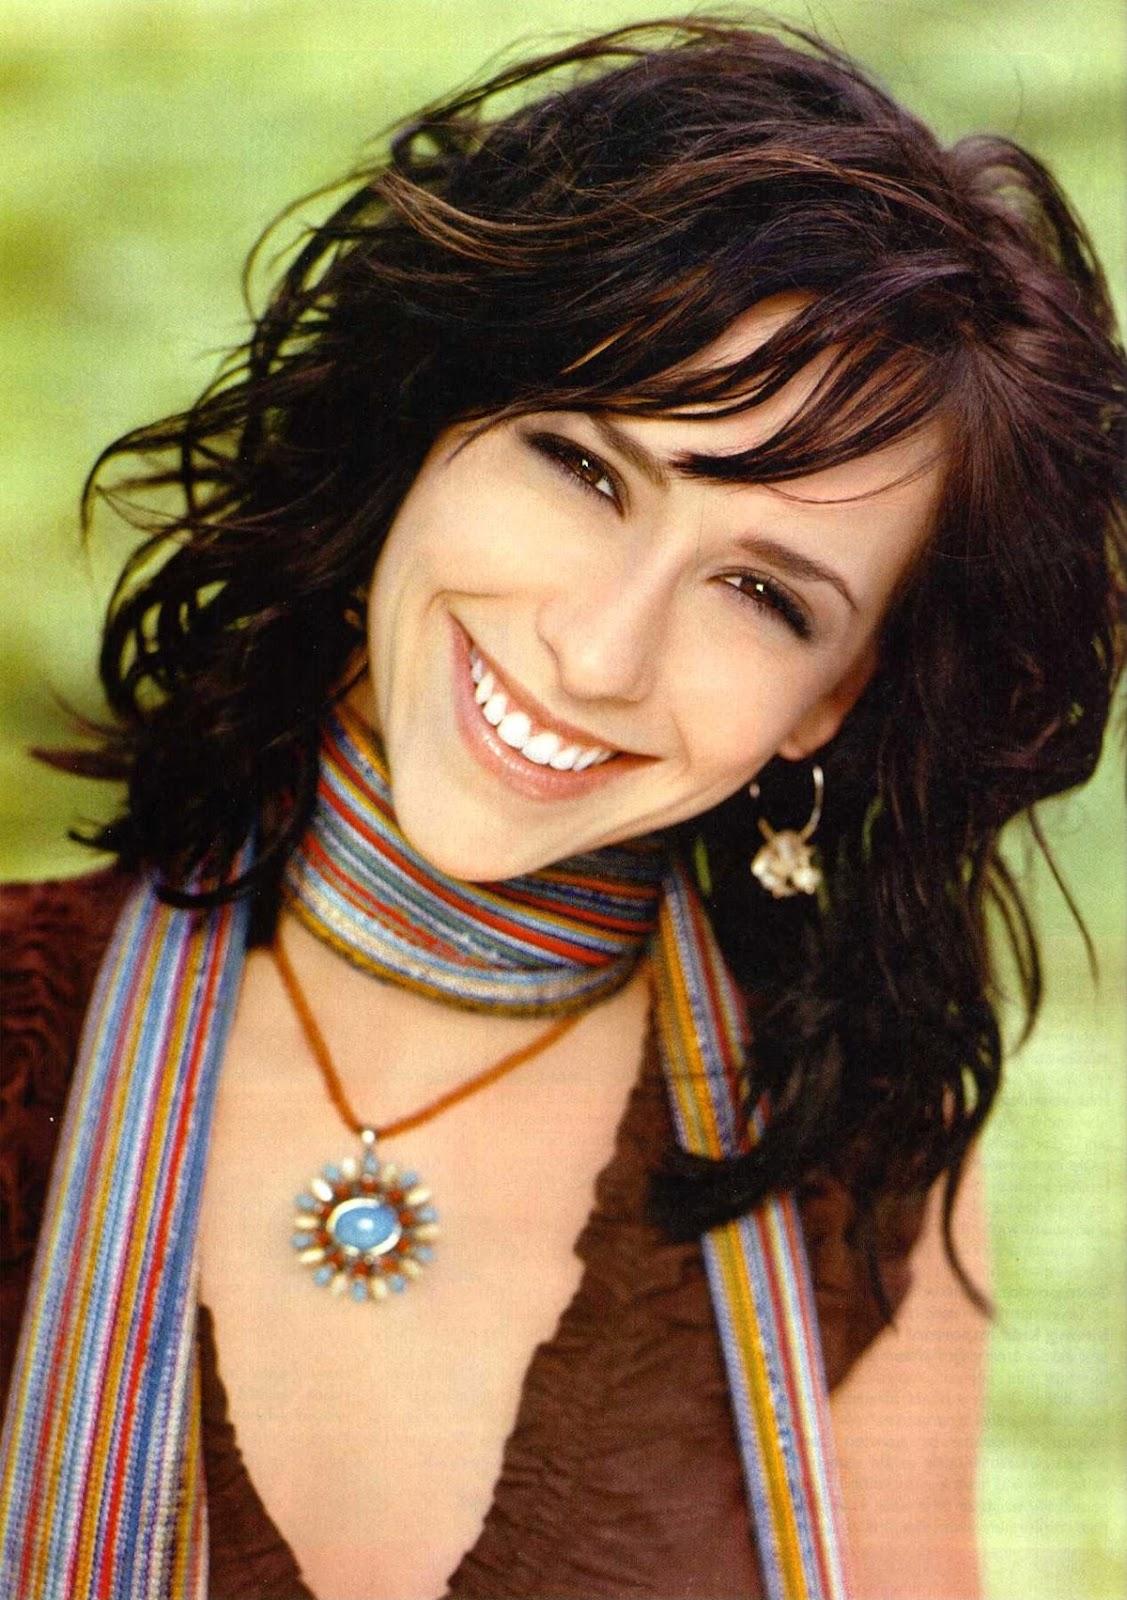 http://4.bp.blogspot.com/-gt1rUE2_op0/T9dfgpu7nZI/AAAAAAAAAJM/DyXVQ_cKl4s/s1600/Jennifer-Love-Hewitt+1.jpg